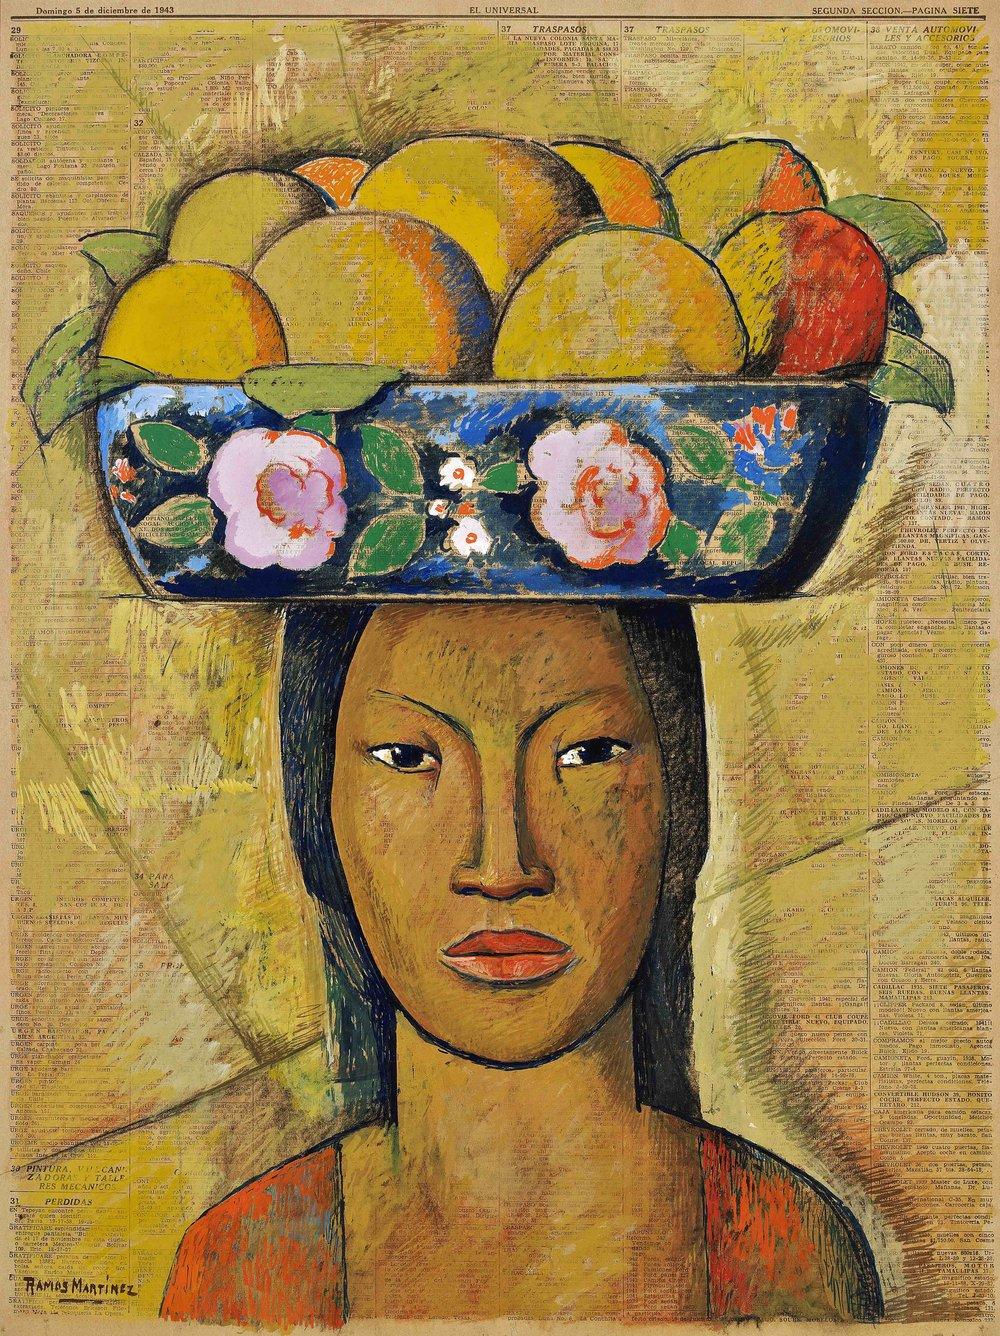 Mujer con Frutero a la Cabeza / Bowl of Fruit on Woman's Head  1943 colored oil pastels (casein) on newsprint / pintura pastel al óleo (casein) sobre papel periódico 22 x 16.5 inches; 55.9 x 41.9 centímetros Scripps College